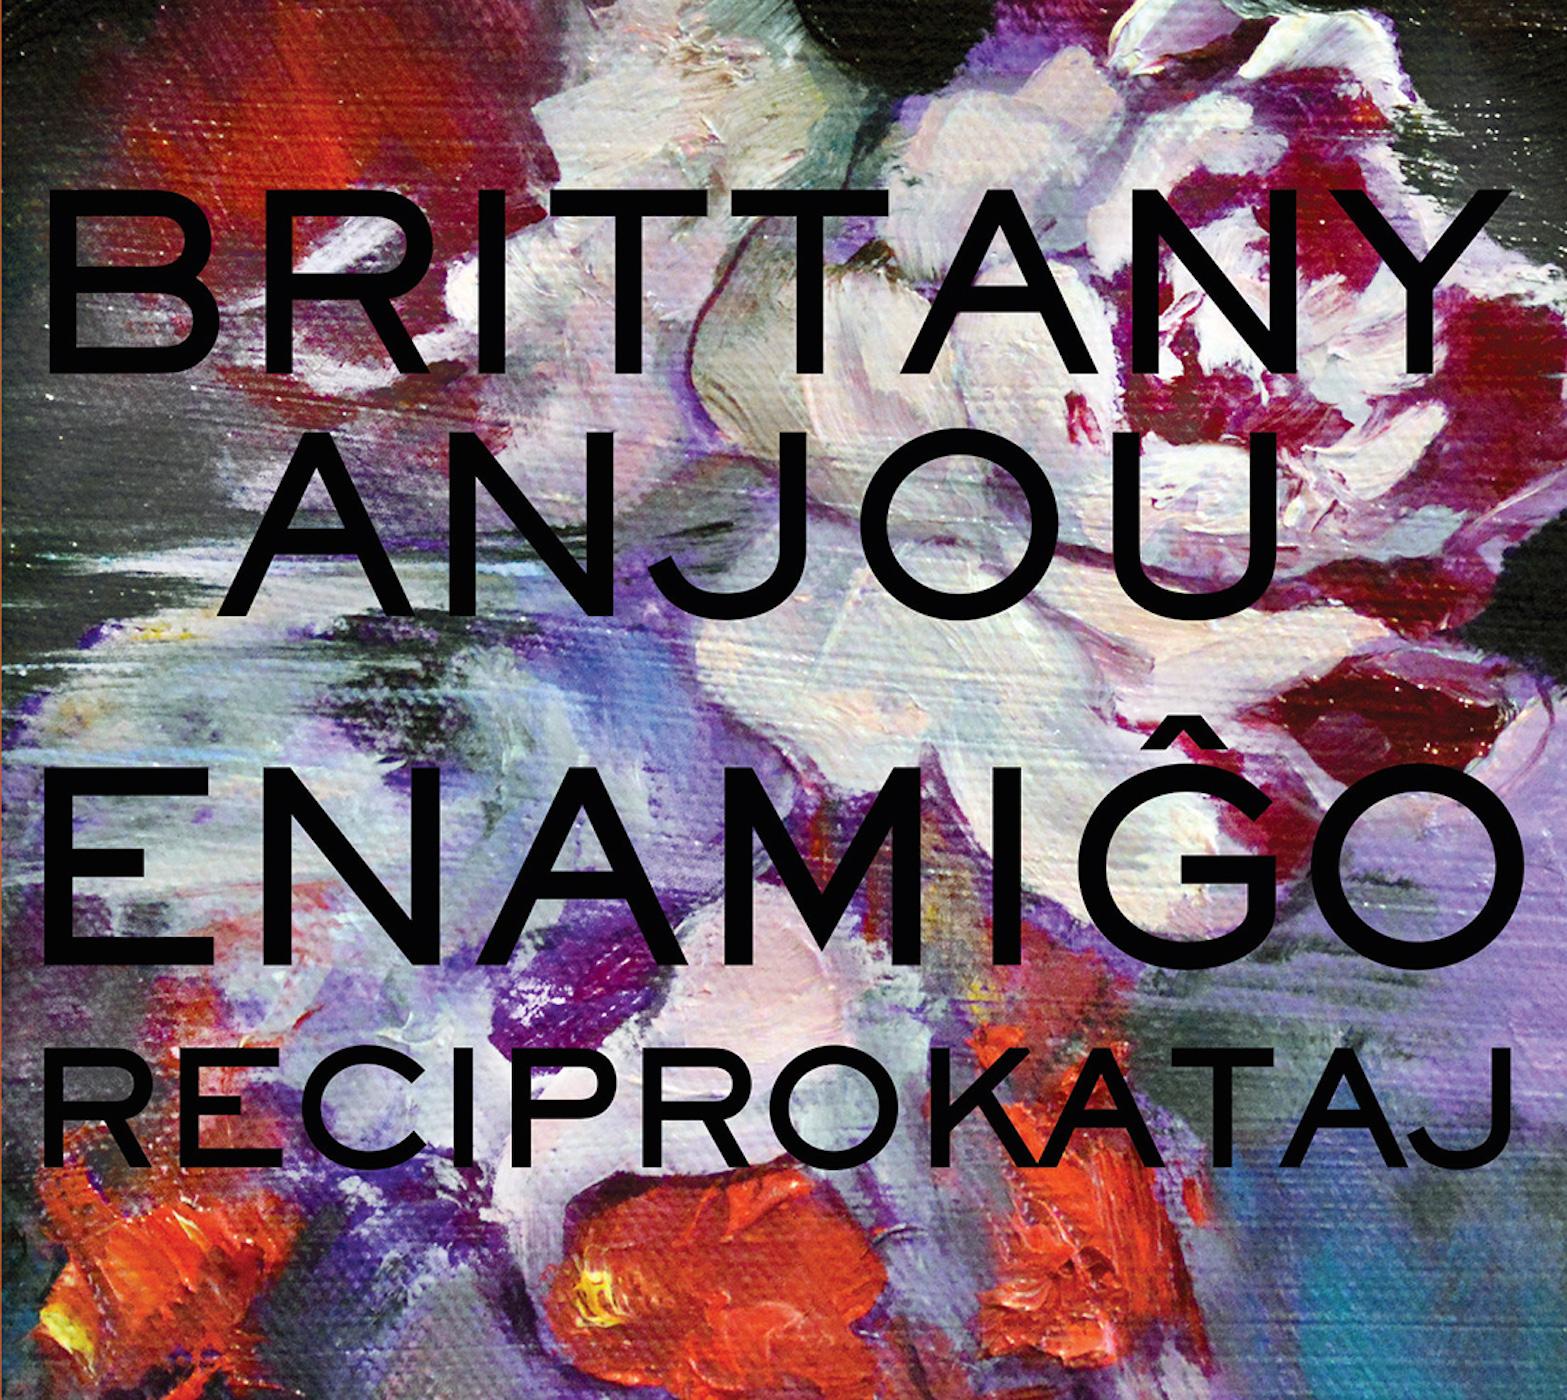 Brittany Anjou Trio